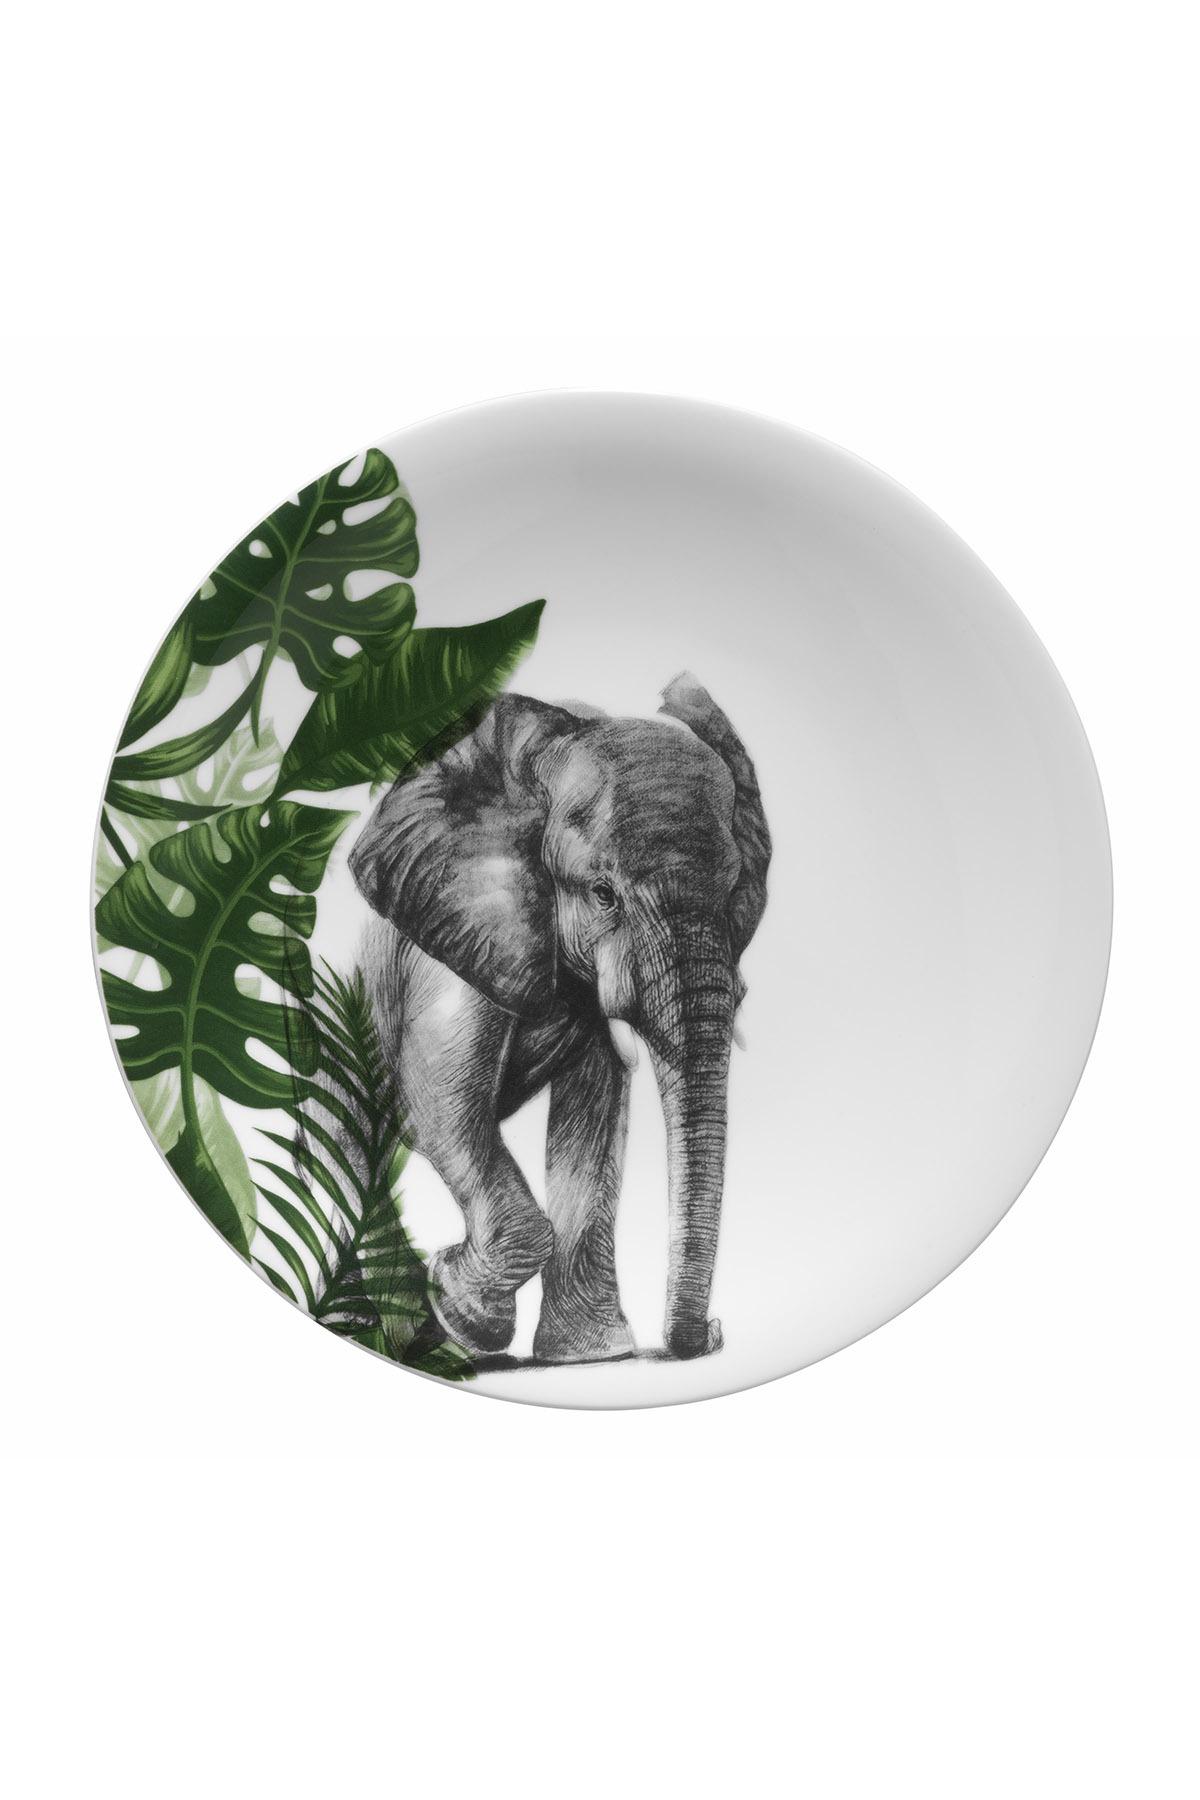 Kütahya Porselen - Kütahya Porselen Doğadakiler 27 cm Servis Tabağı Fil